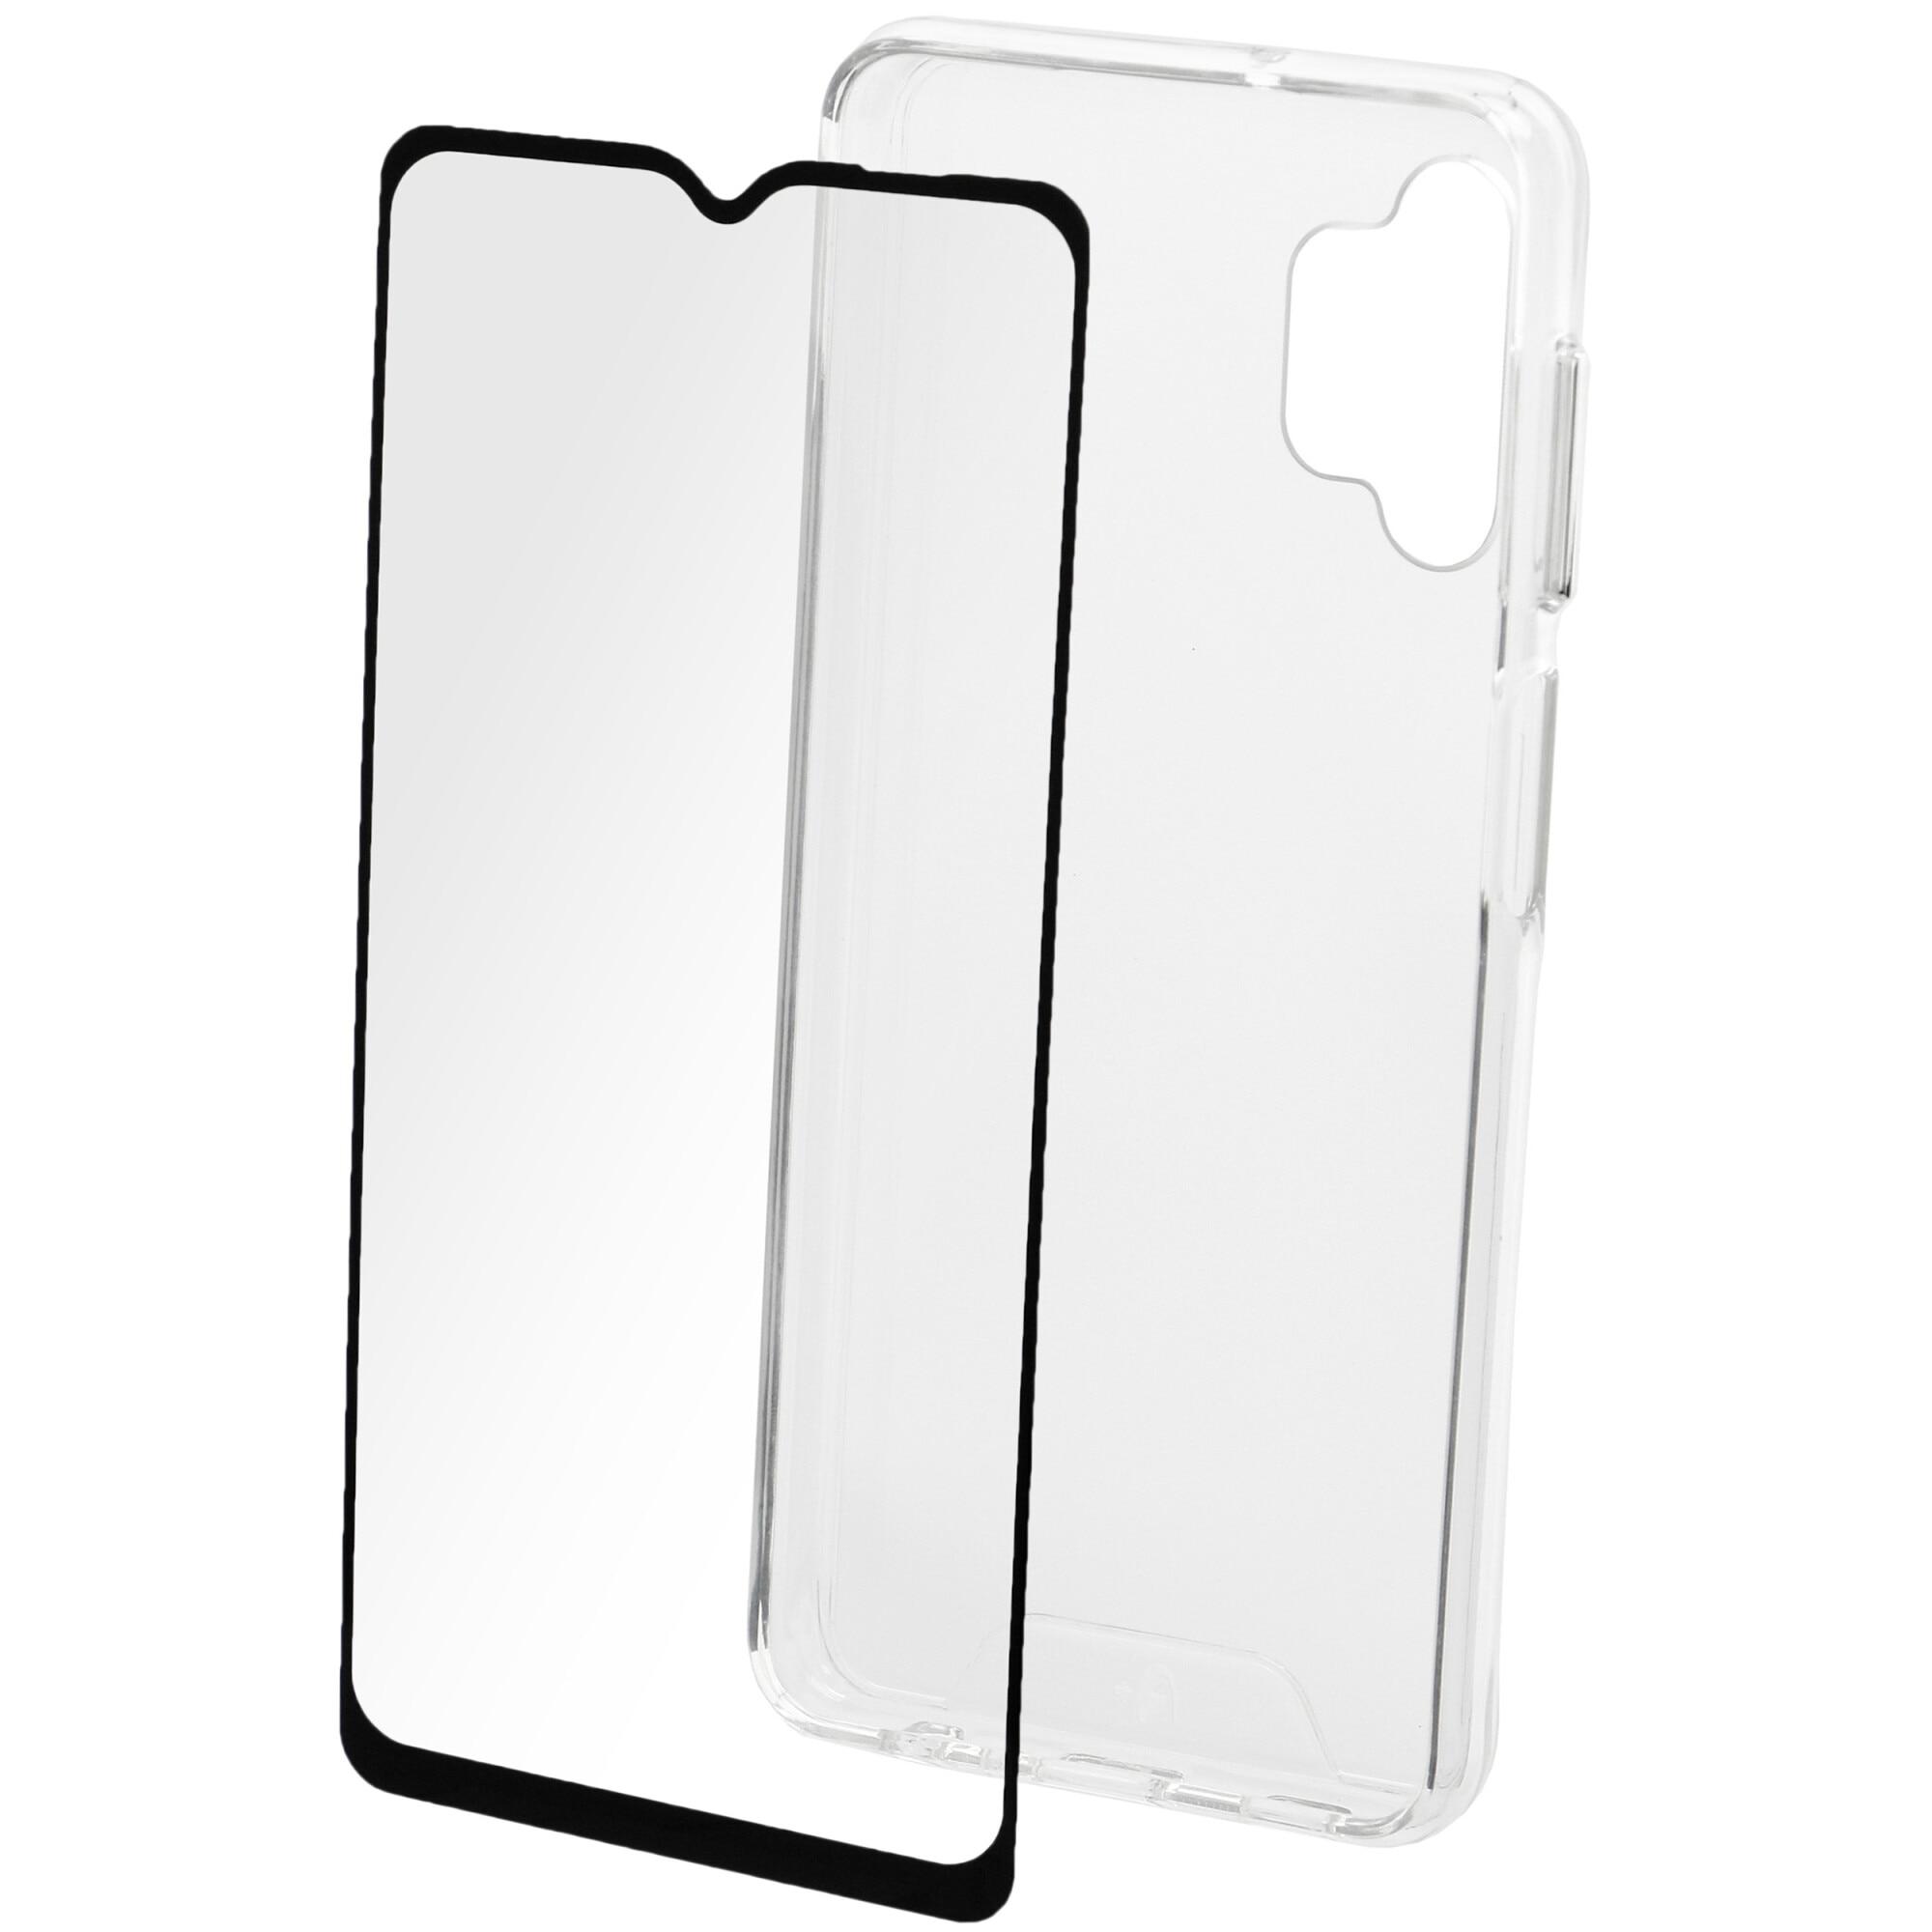 Fotografie Set Folie de protectie A+ Tempered Glass 2.5D/ Husa transparenta silicon A+ pentru Samsung A32 5G (2021)